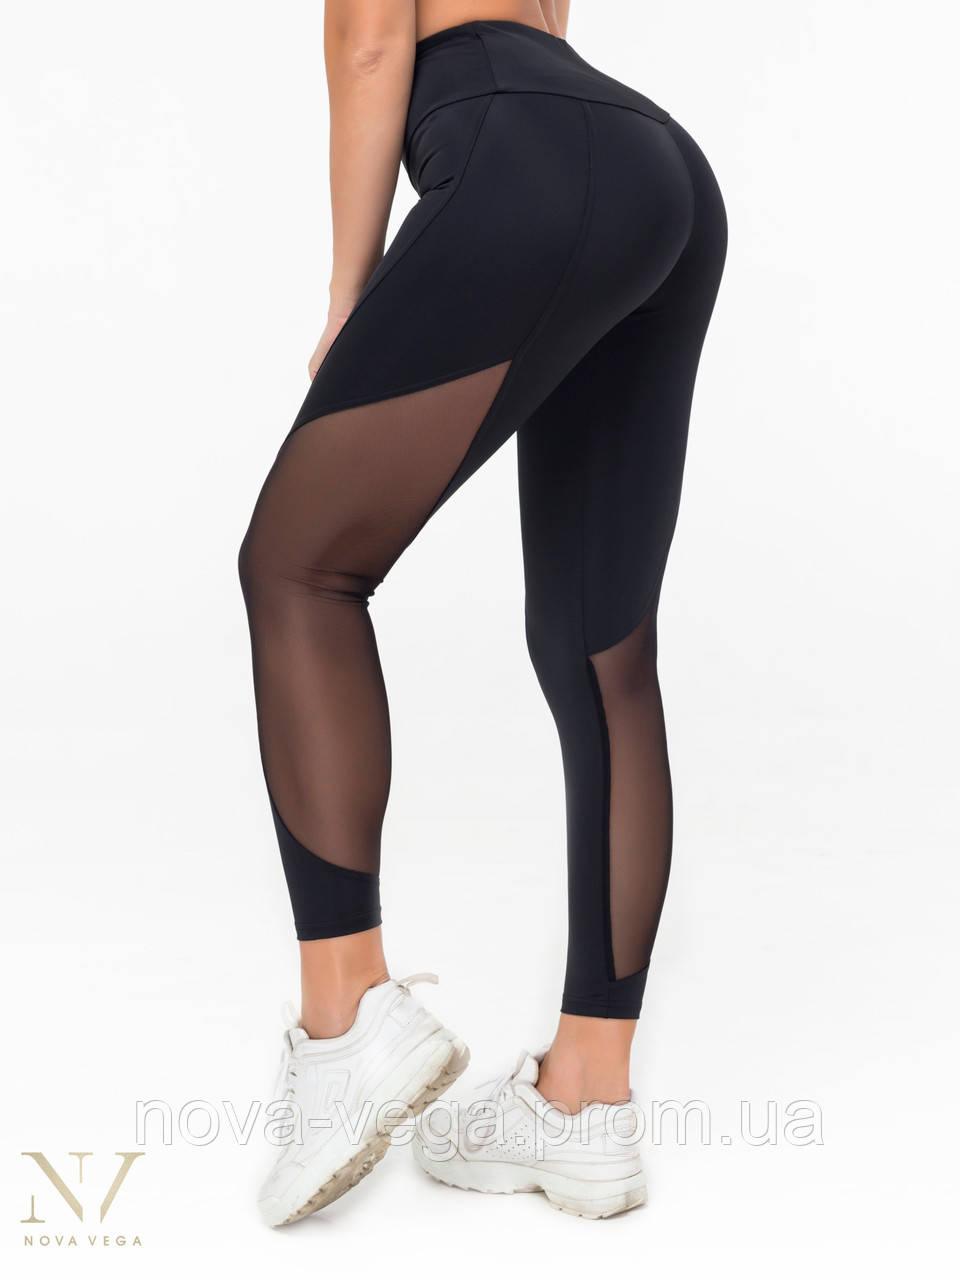 Спортивные Женские Лосины Для Фитнеса Nova Vega Aphrodite Black